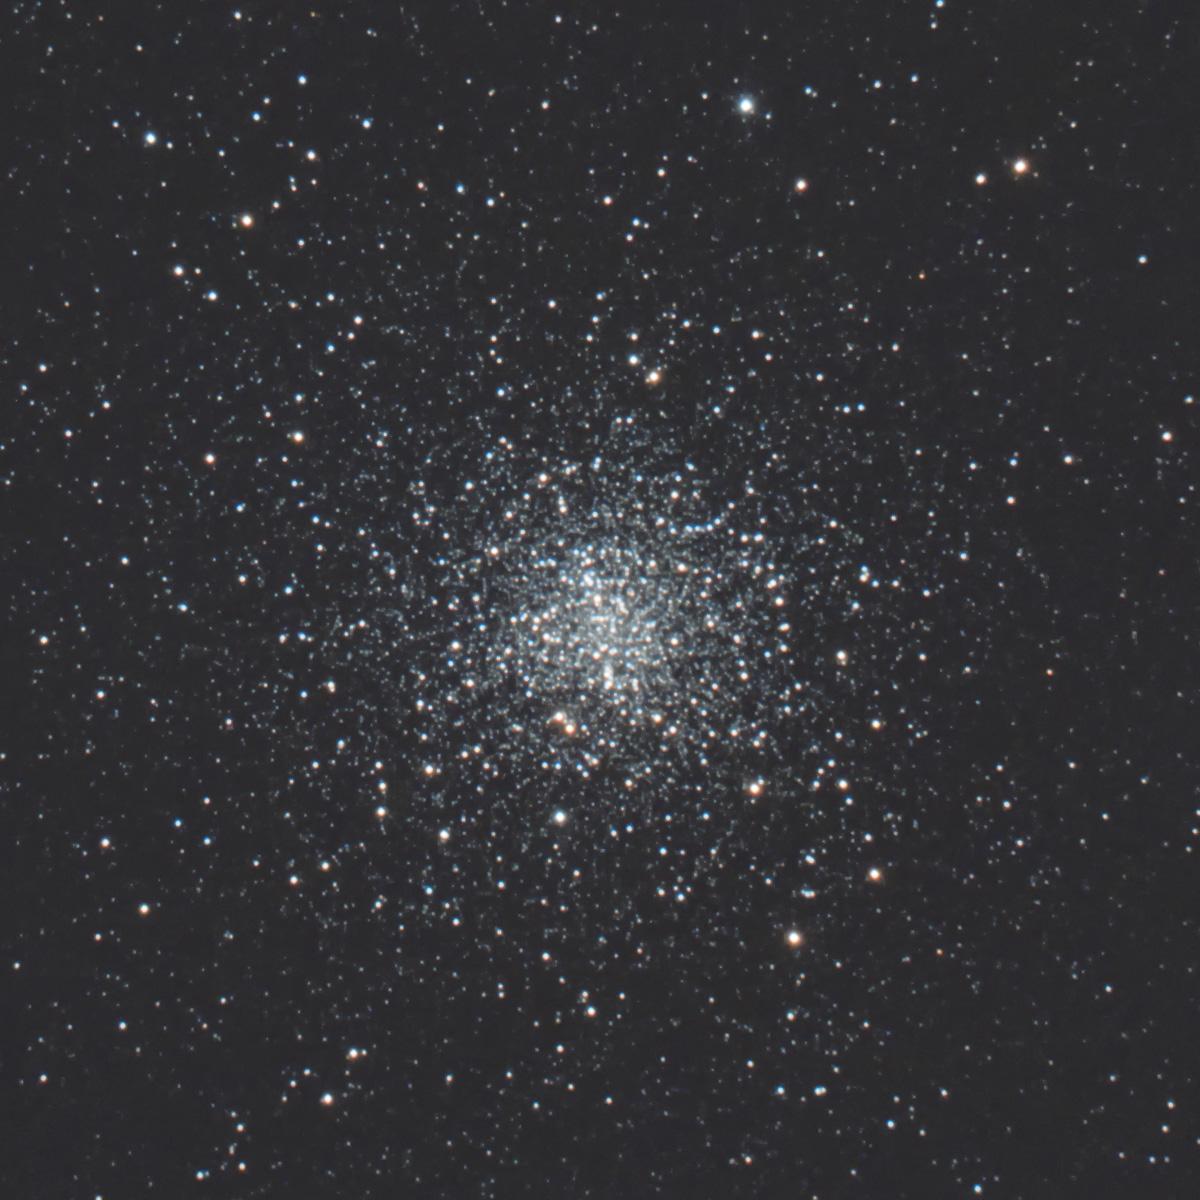 球状星団 M4